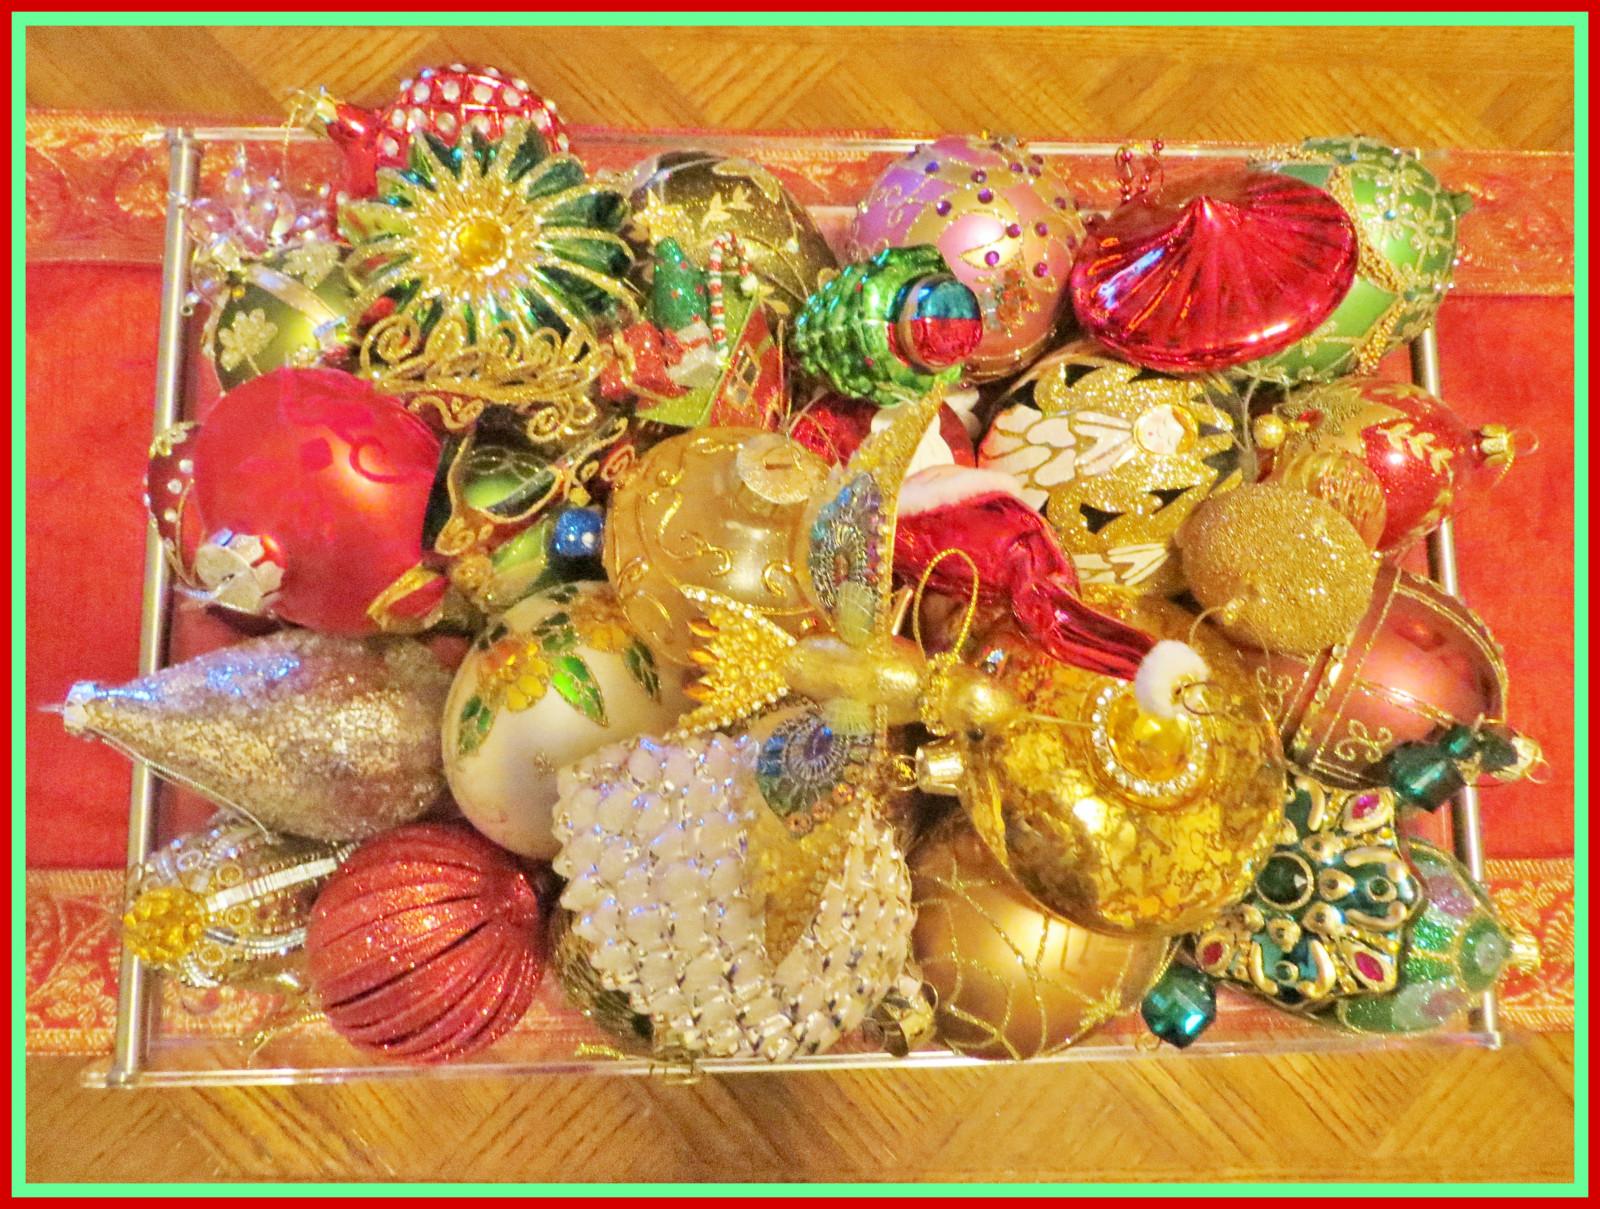 Hintergrundbilder : Lebensmittel, Gemüse, christmas ornament ...